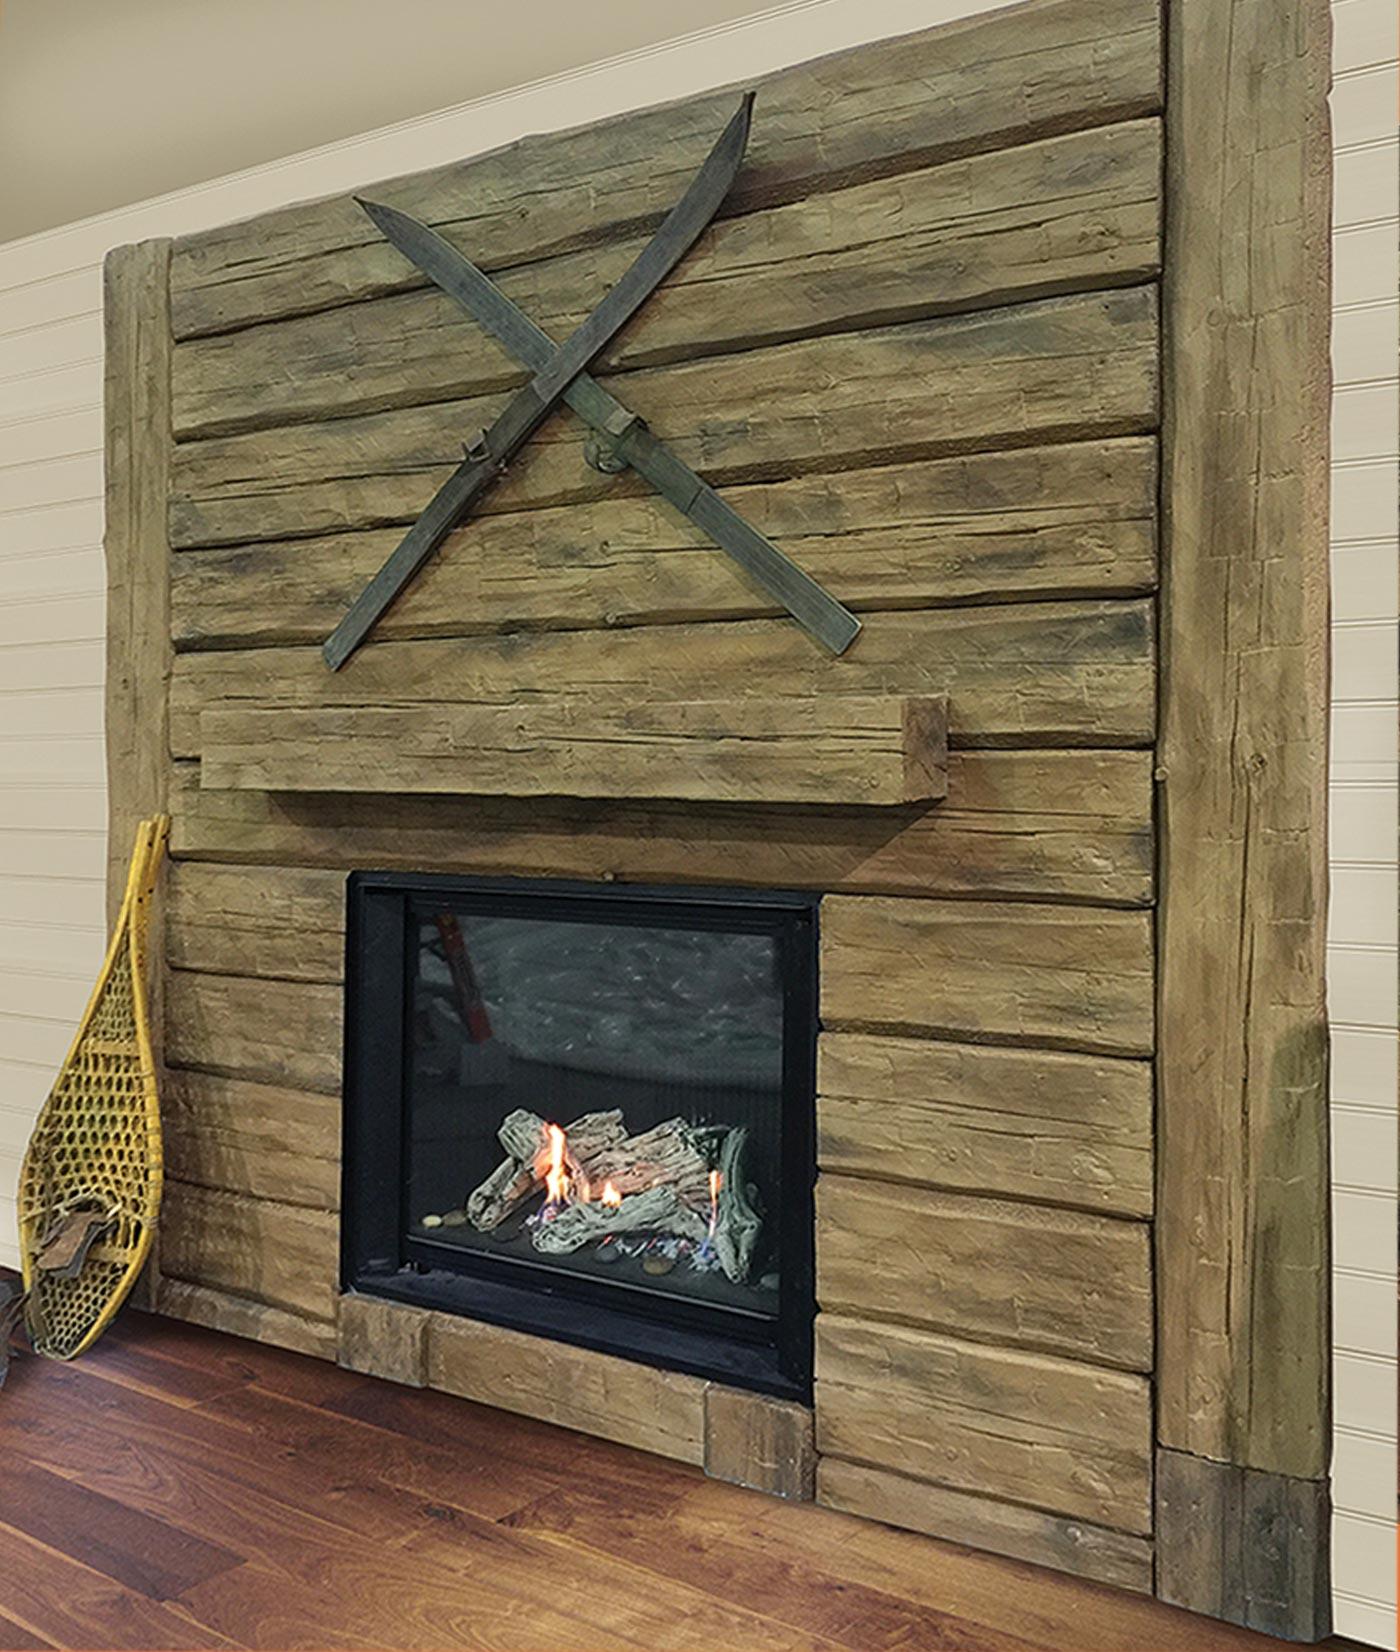 fini plus manteaux de foyer et po le mur de pierre. Black Bedroom Furniture Sets. Home Design Ideas